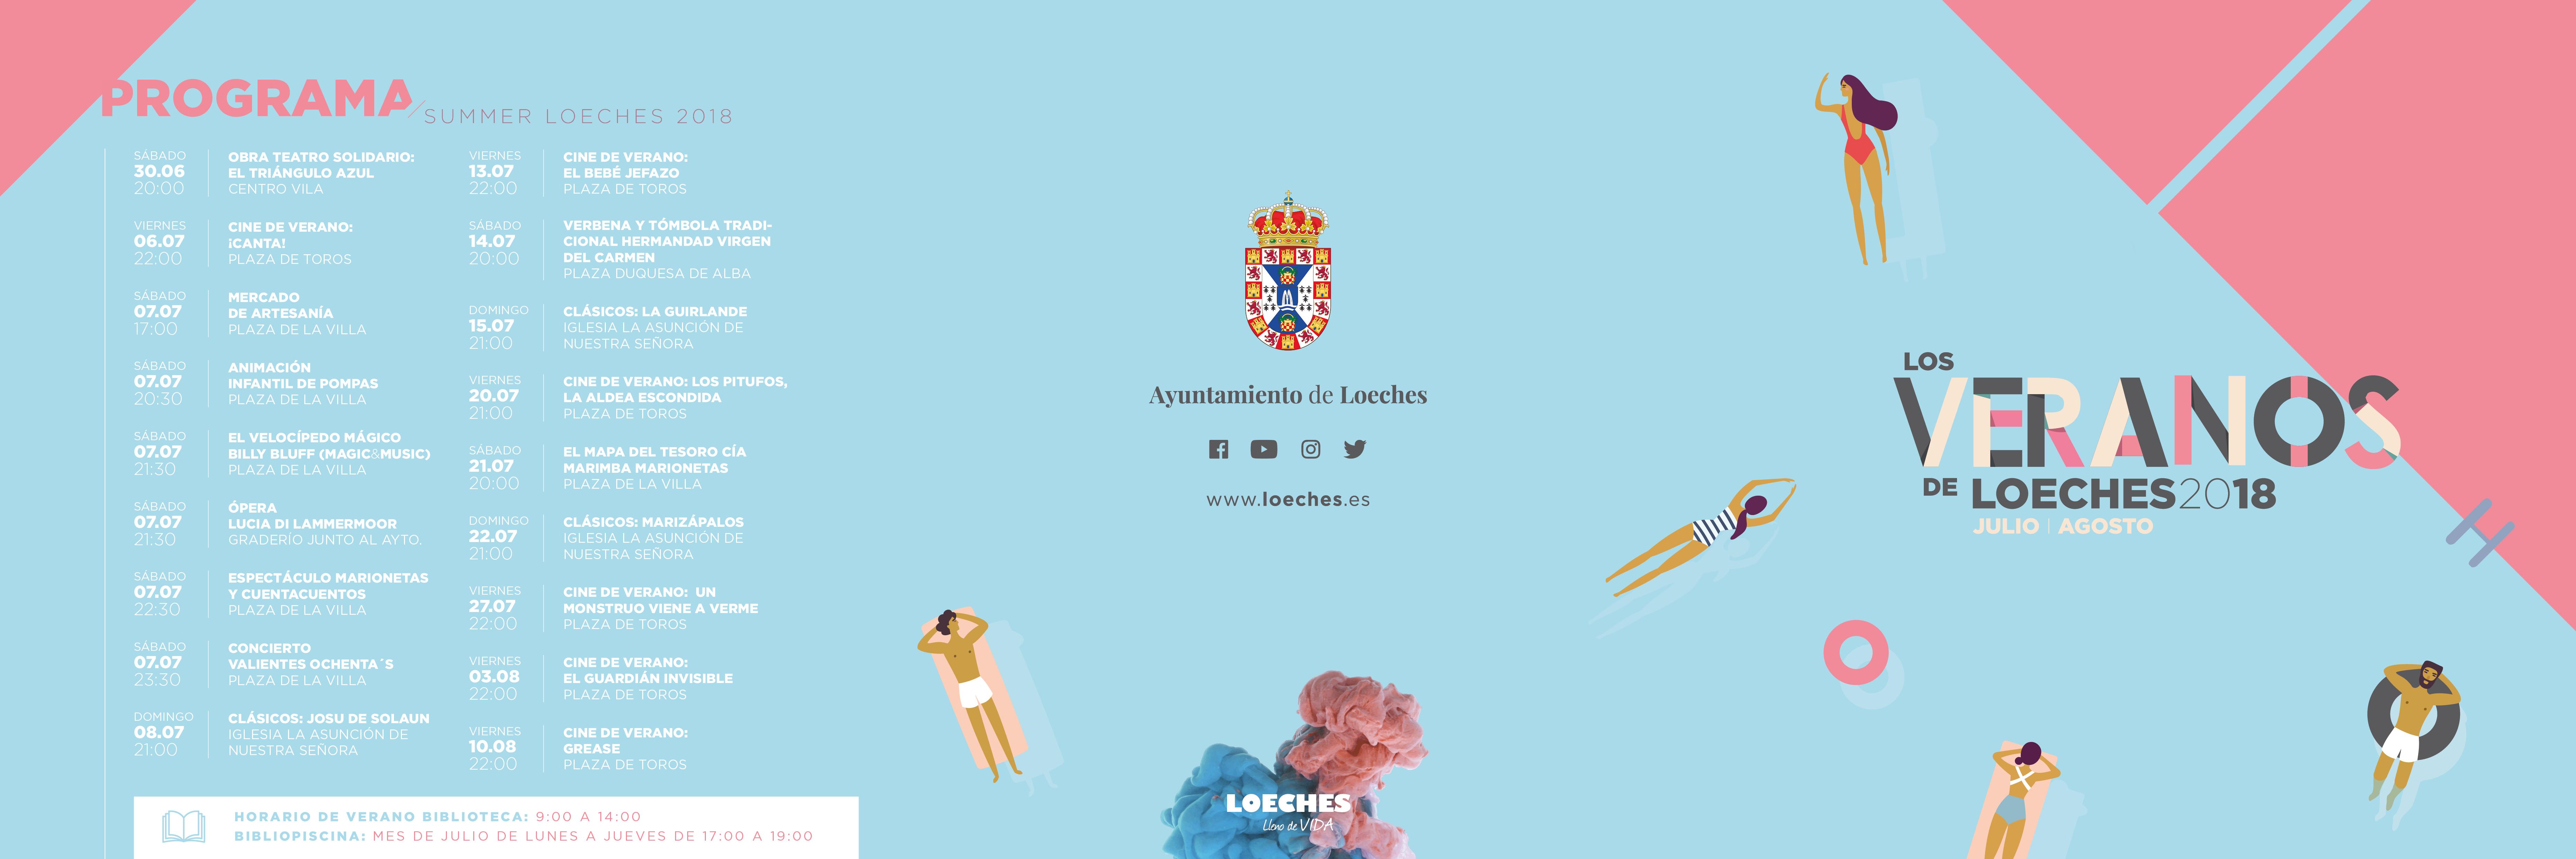 folleto-verano-loeches-2018-pag2